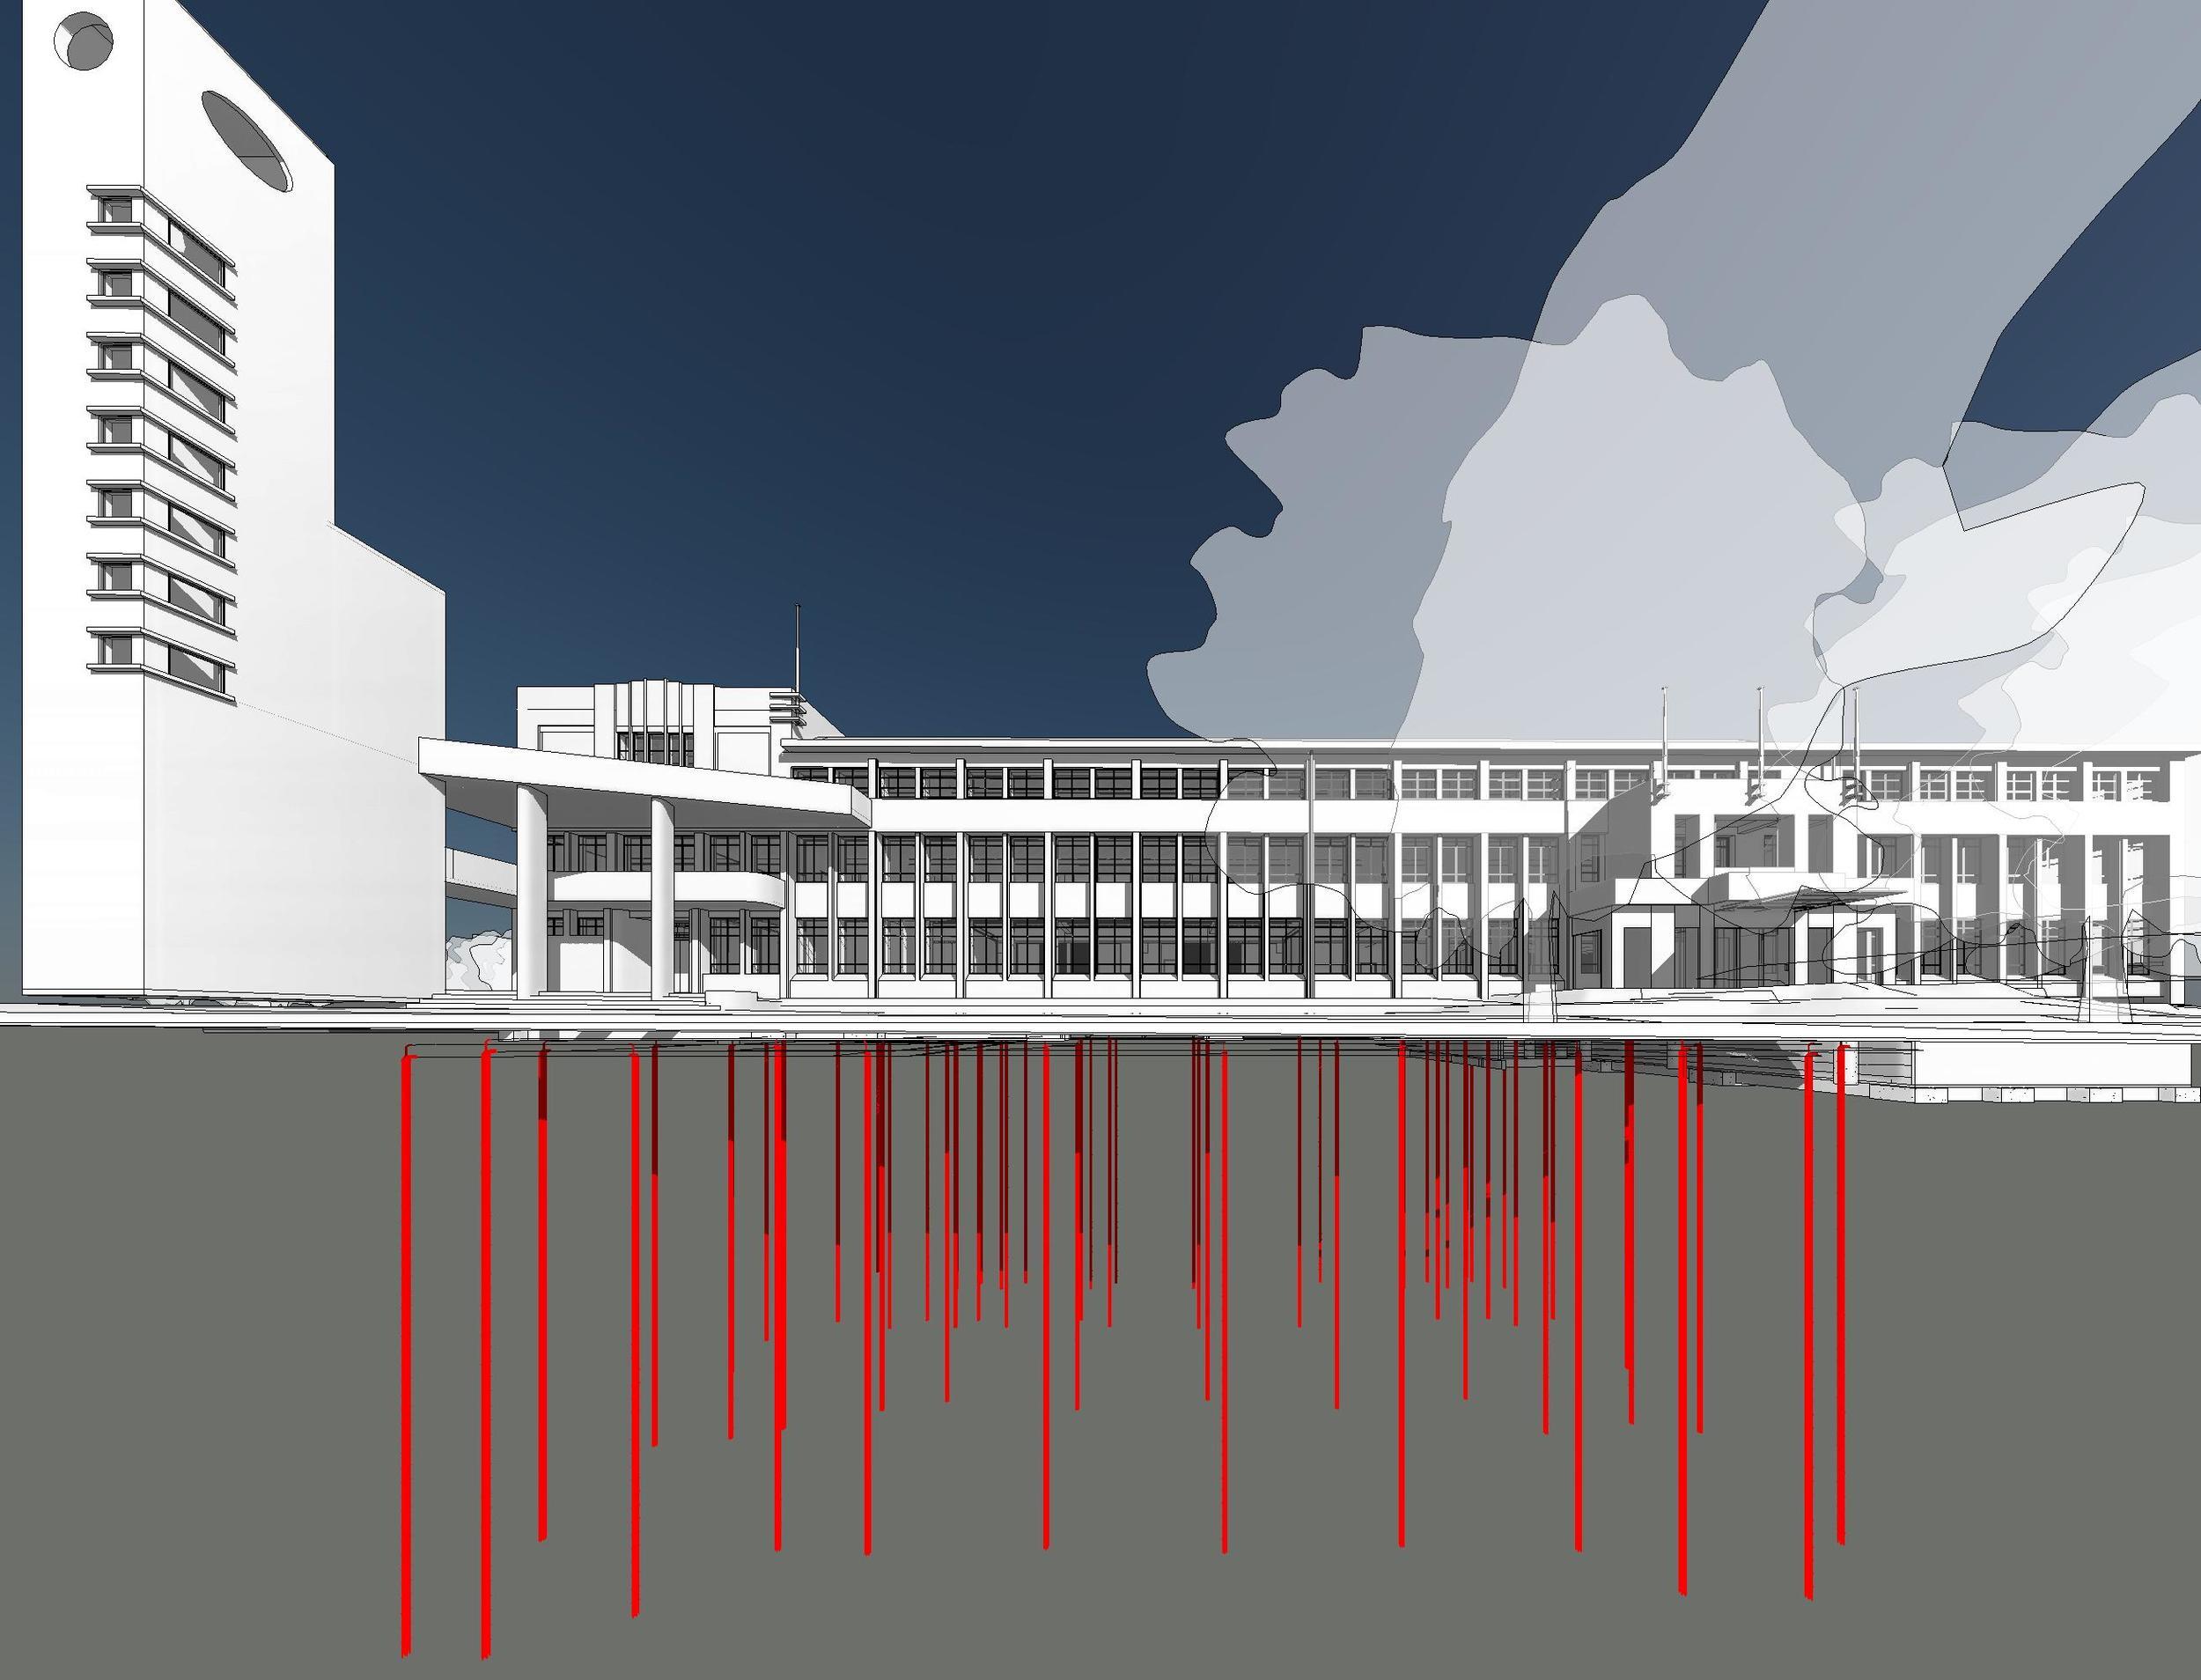 12733 - Geothermal - HCC AdminBldg - SAT_mwarwick - 3D View - Geothermal Pile Perspective 2.jpg